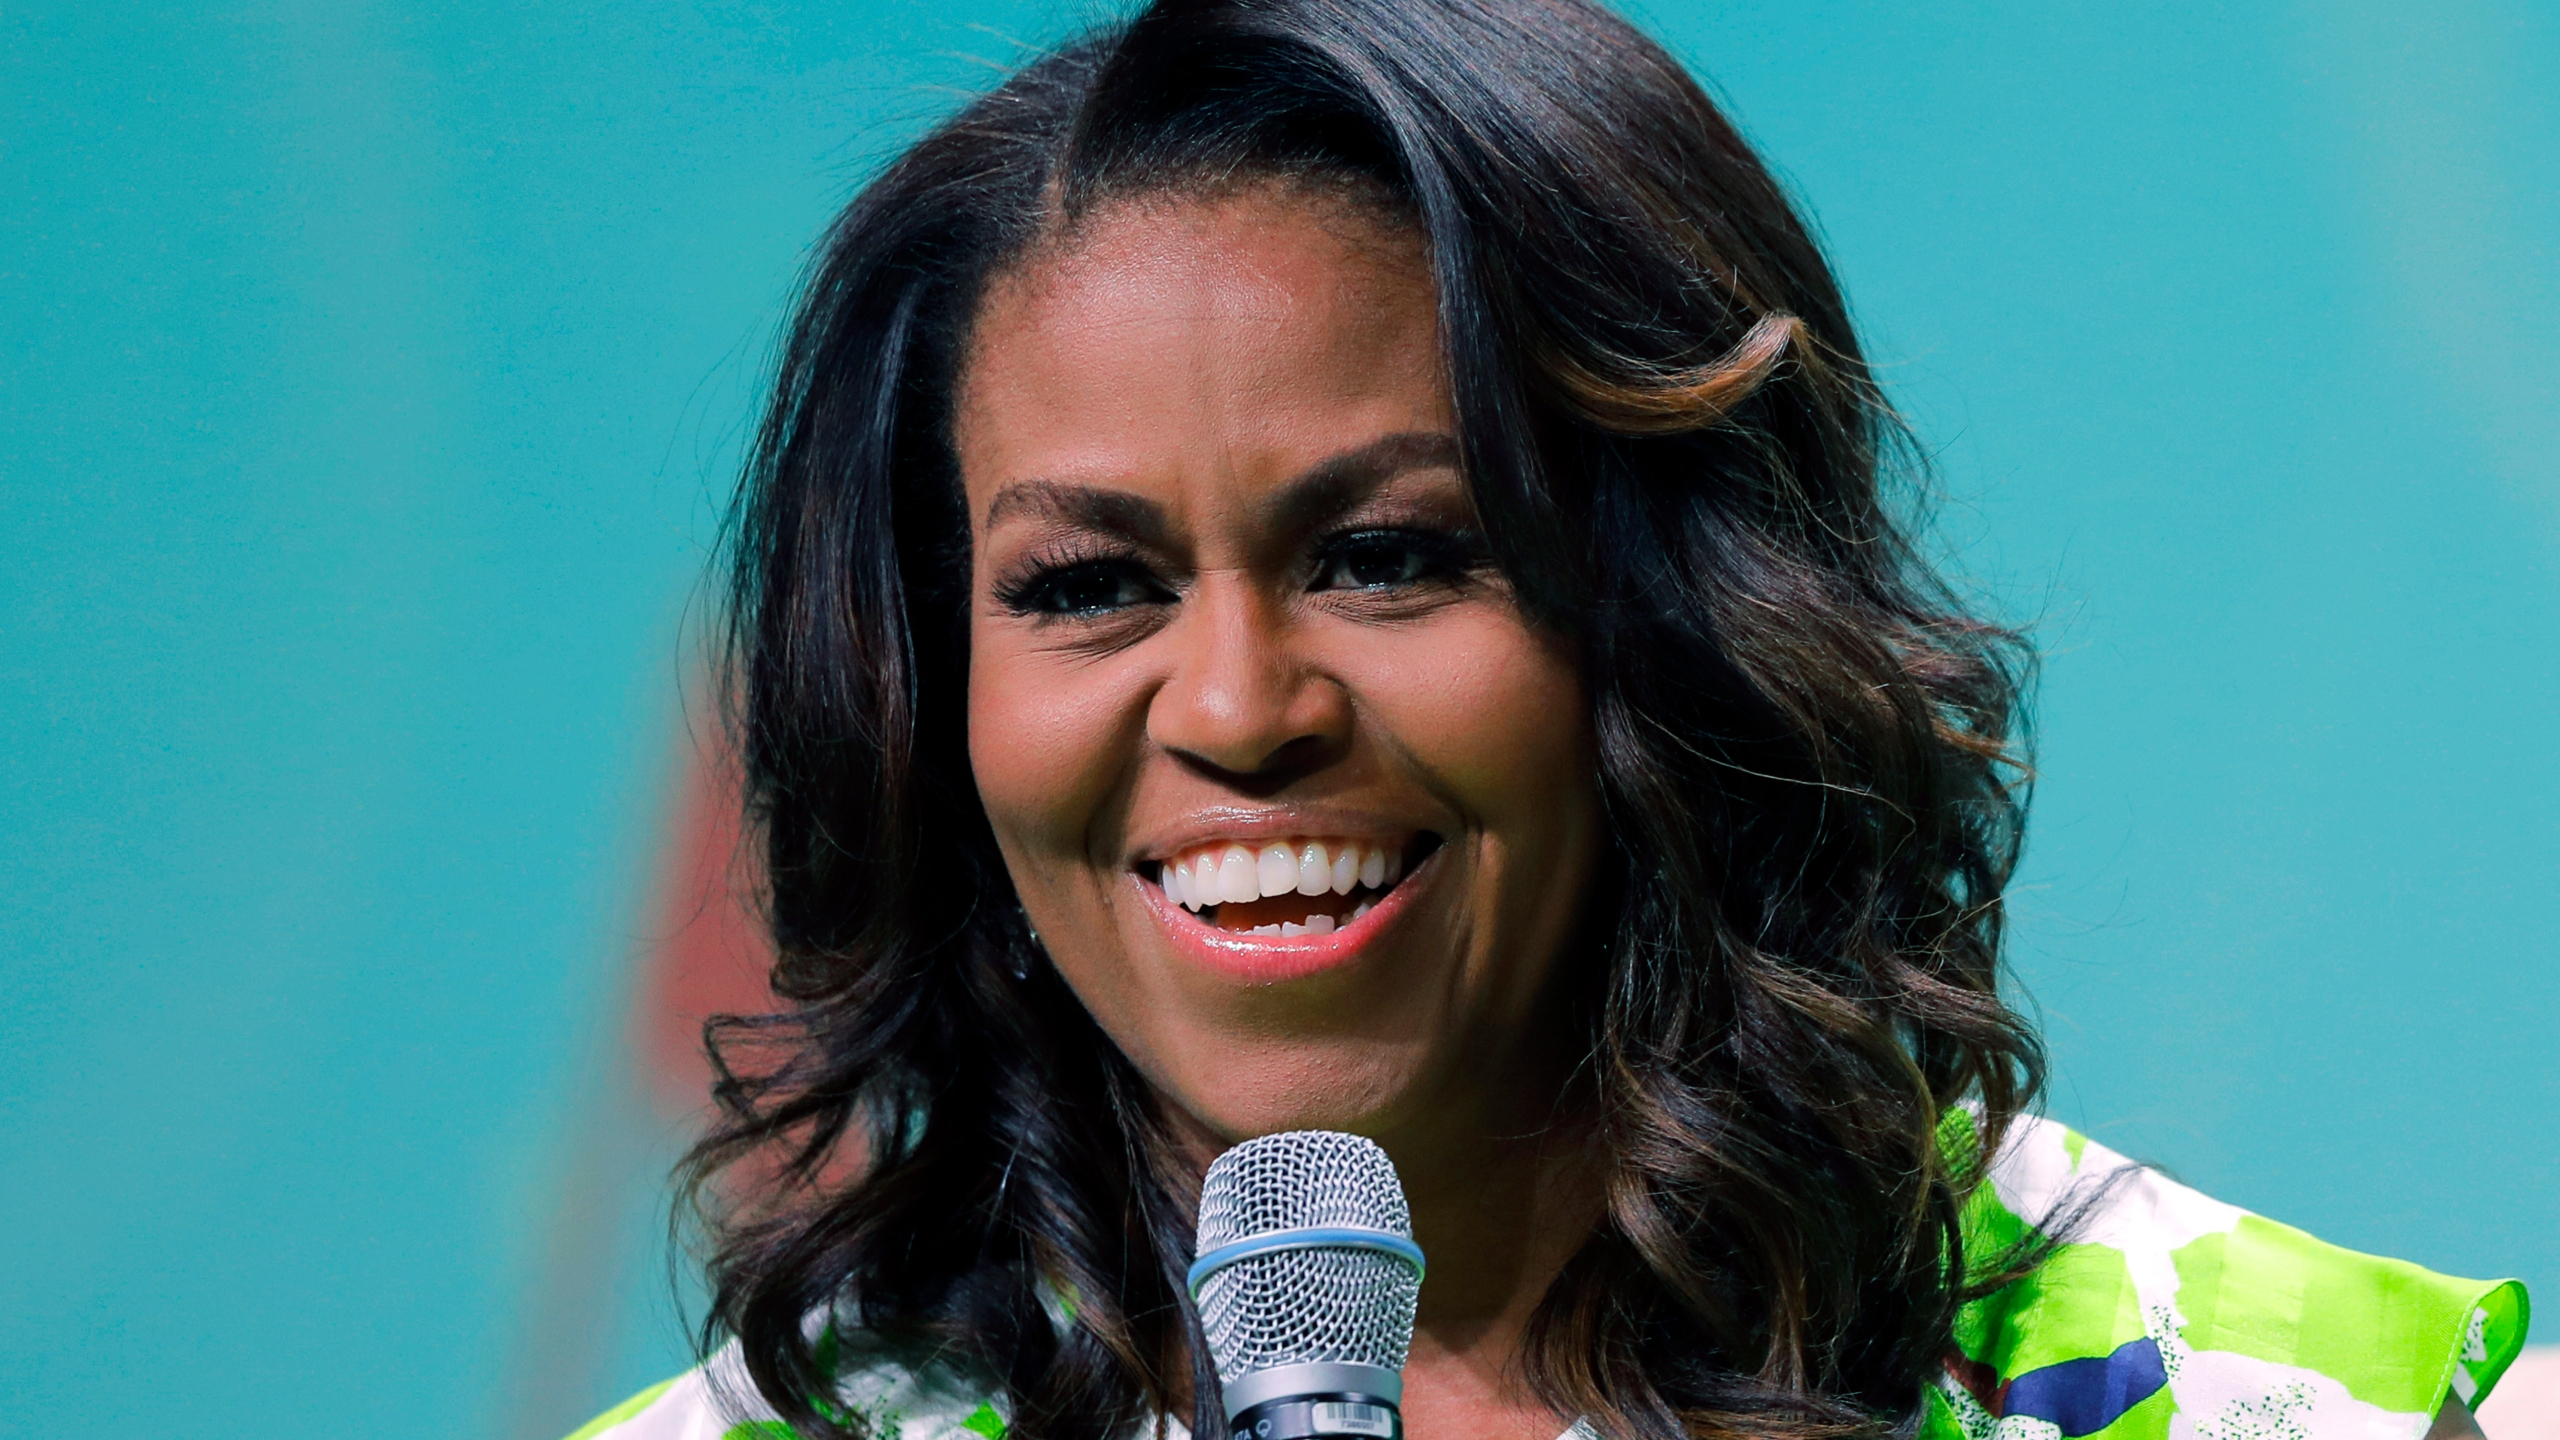 Michelle_Obama_13856-159532.jpg19195052